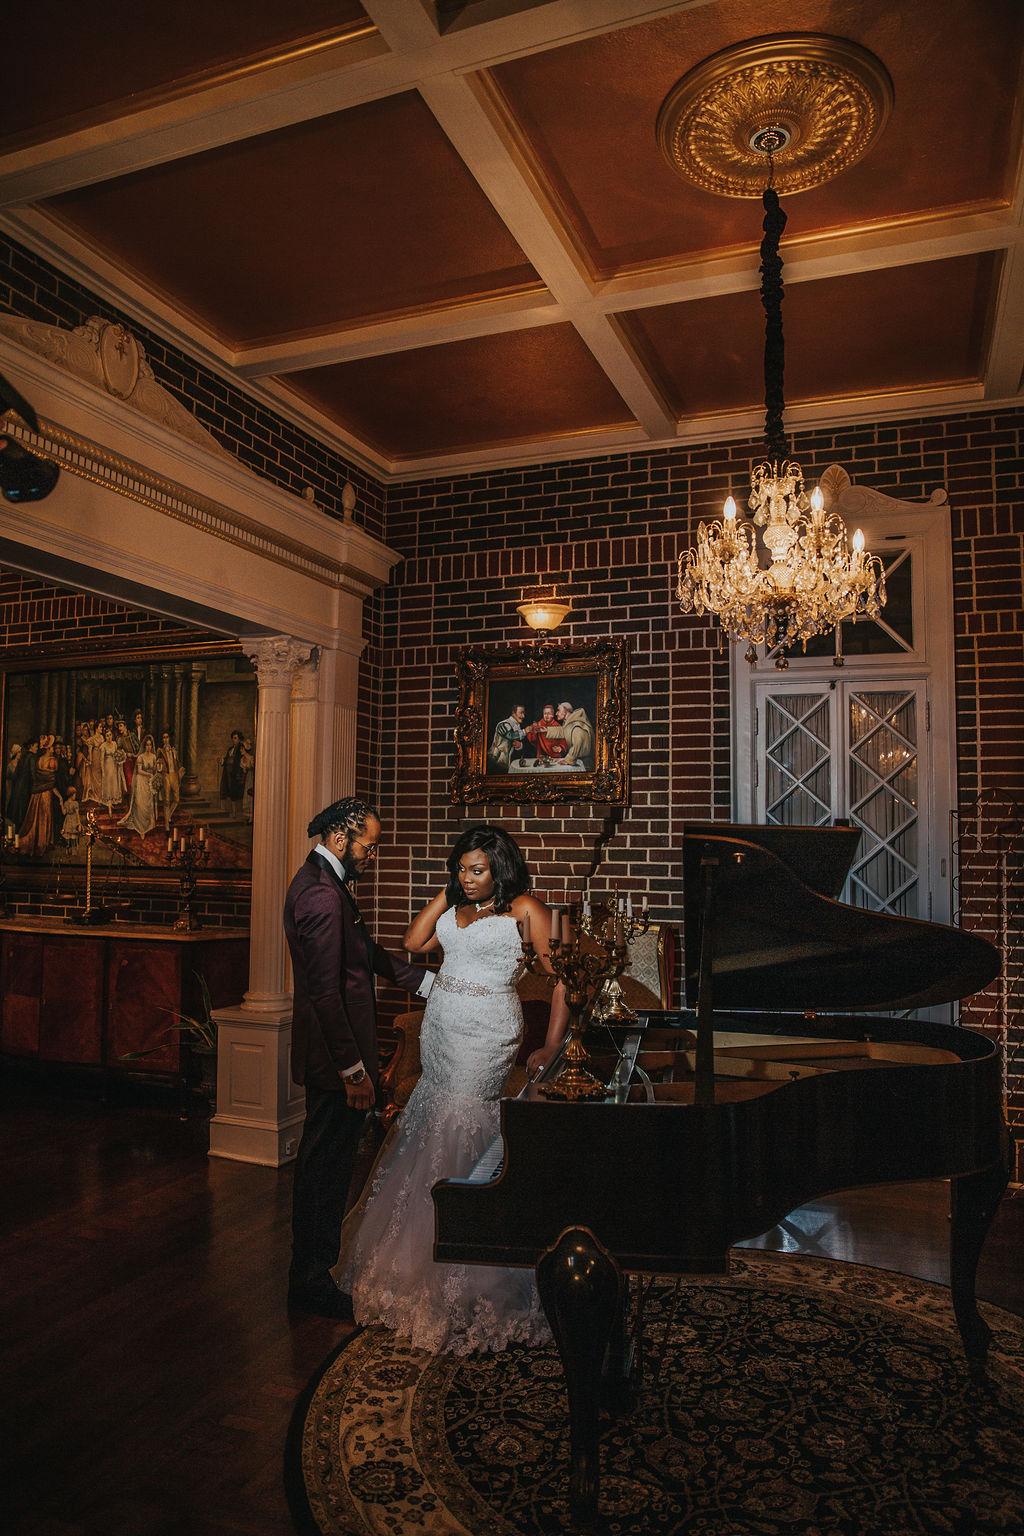 2018-07-07RichmondVAwedding-0850-Edit (1) couple piano.jpg